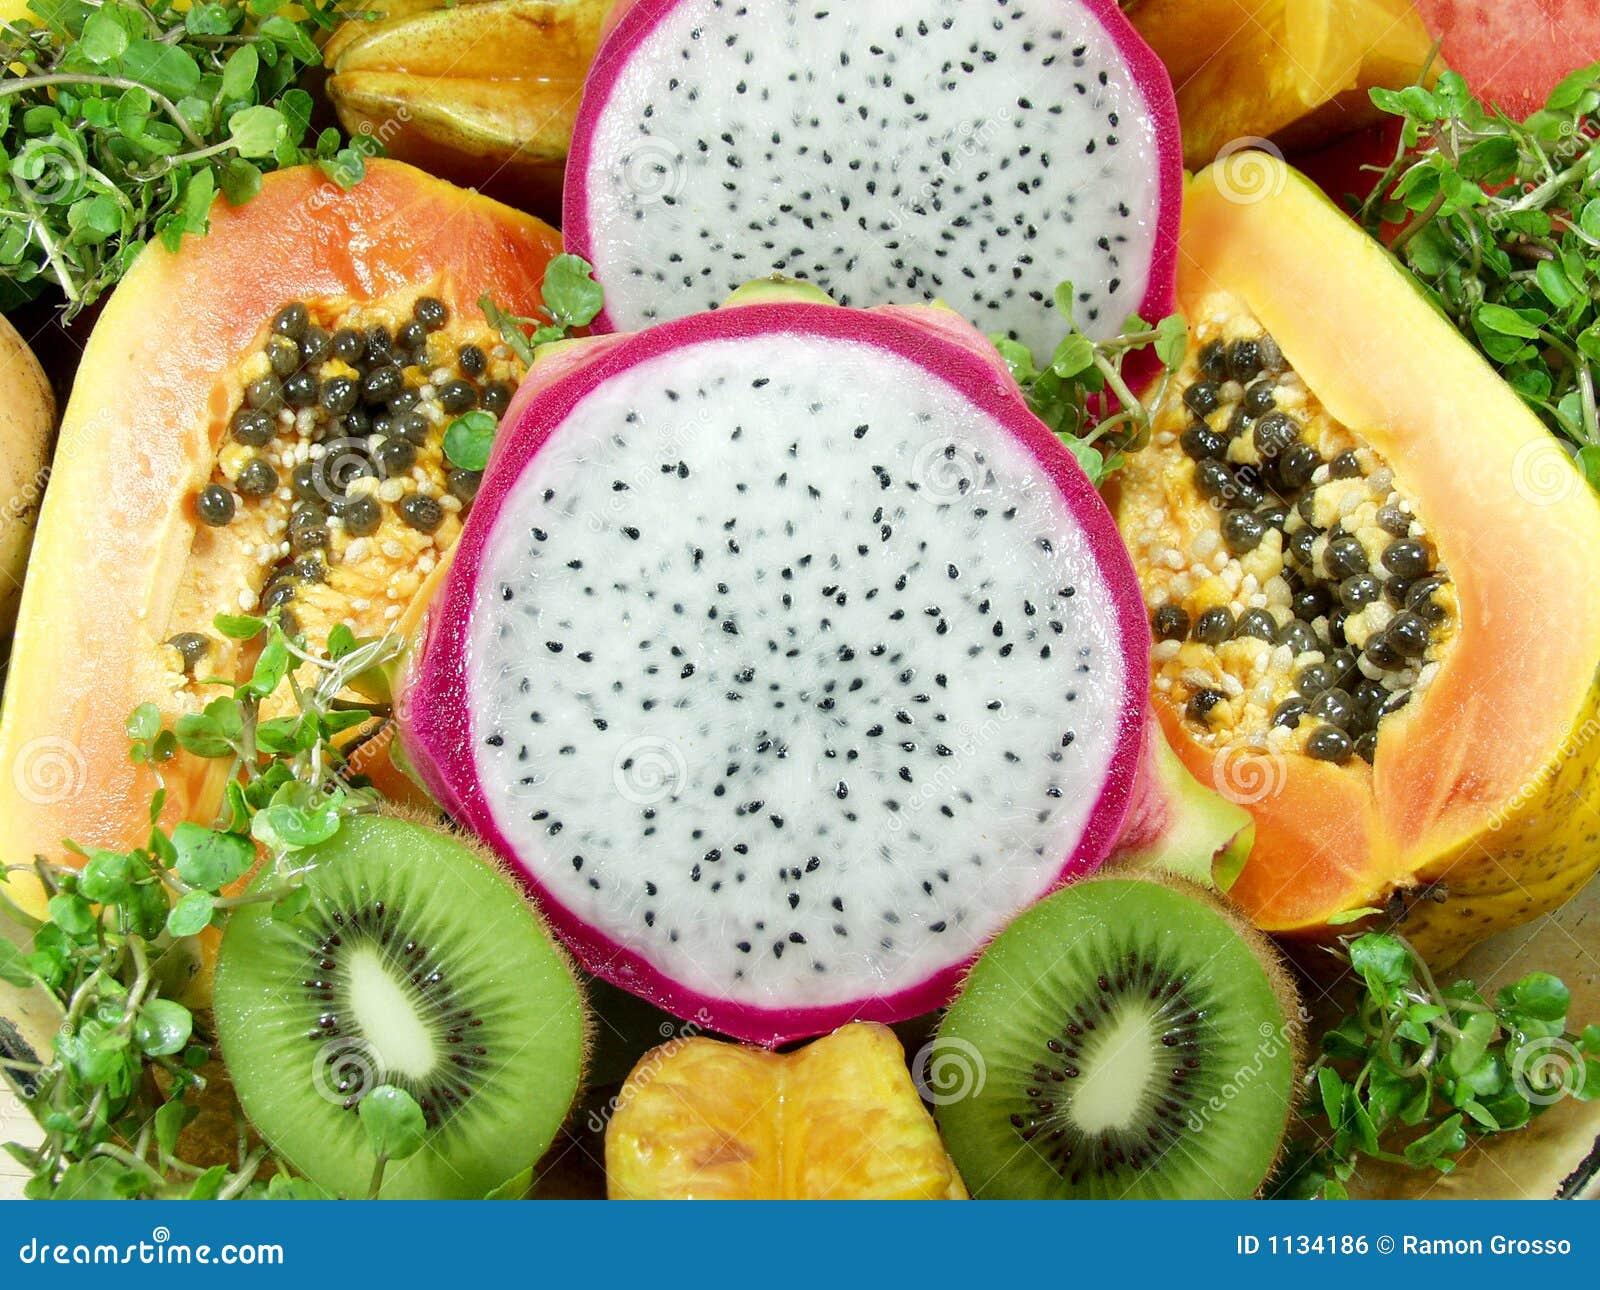 Fruit exotique photo stock image du papaye tropical - Image fruit exotique ...